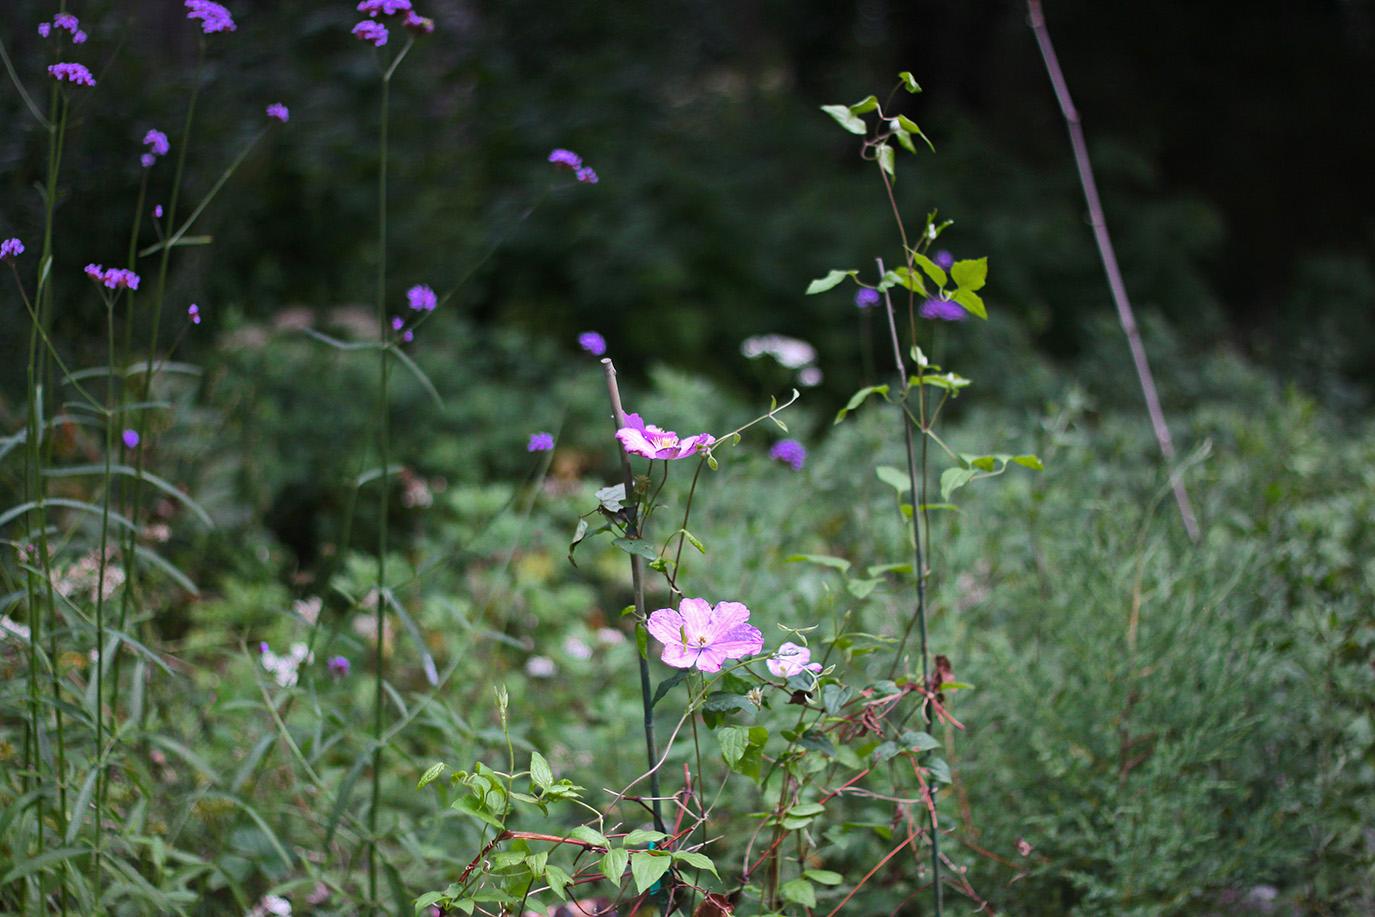 Marnie's Garden by Justine Hand, Clemetis